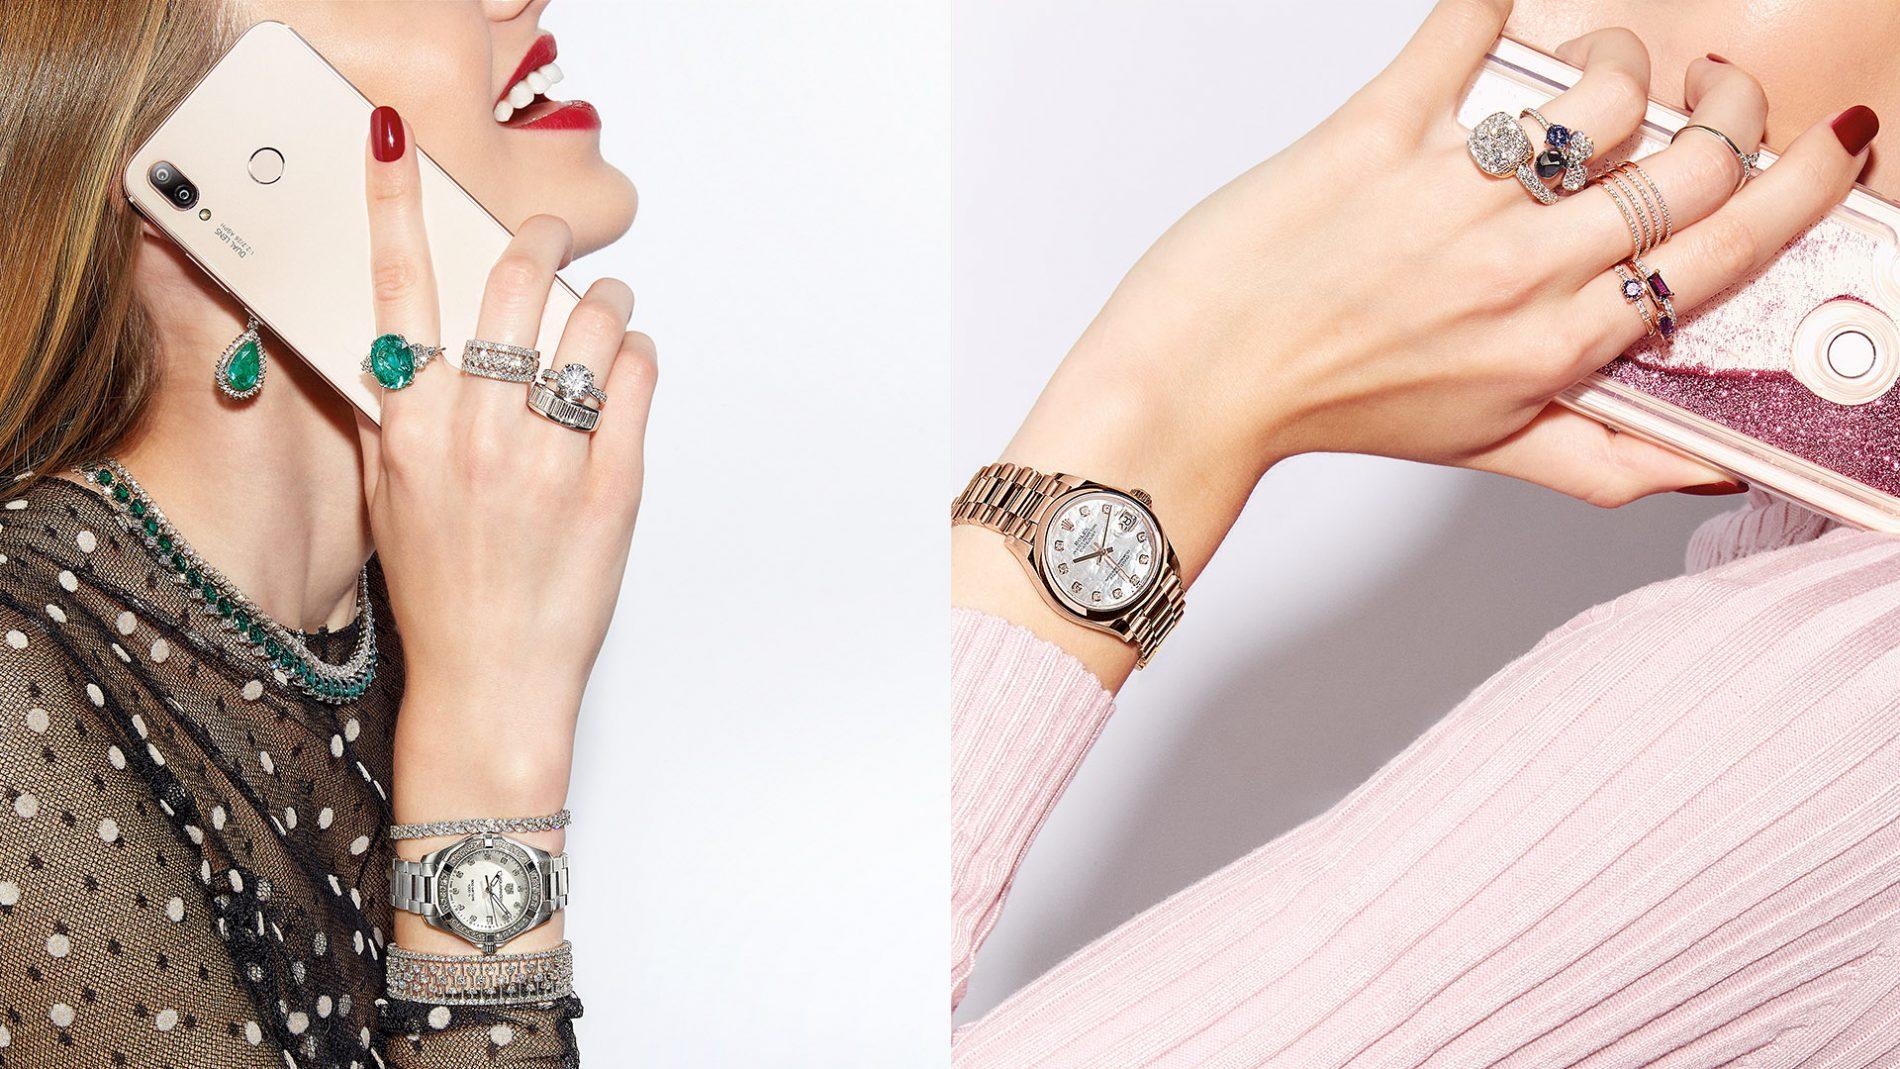 El Corte Inglés Lujo Diseñador Joyería Tiffany Rolex Tag Heuer Pomellato